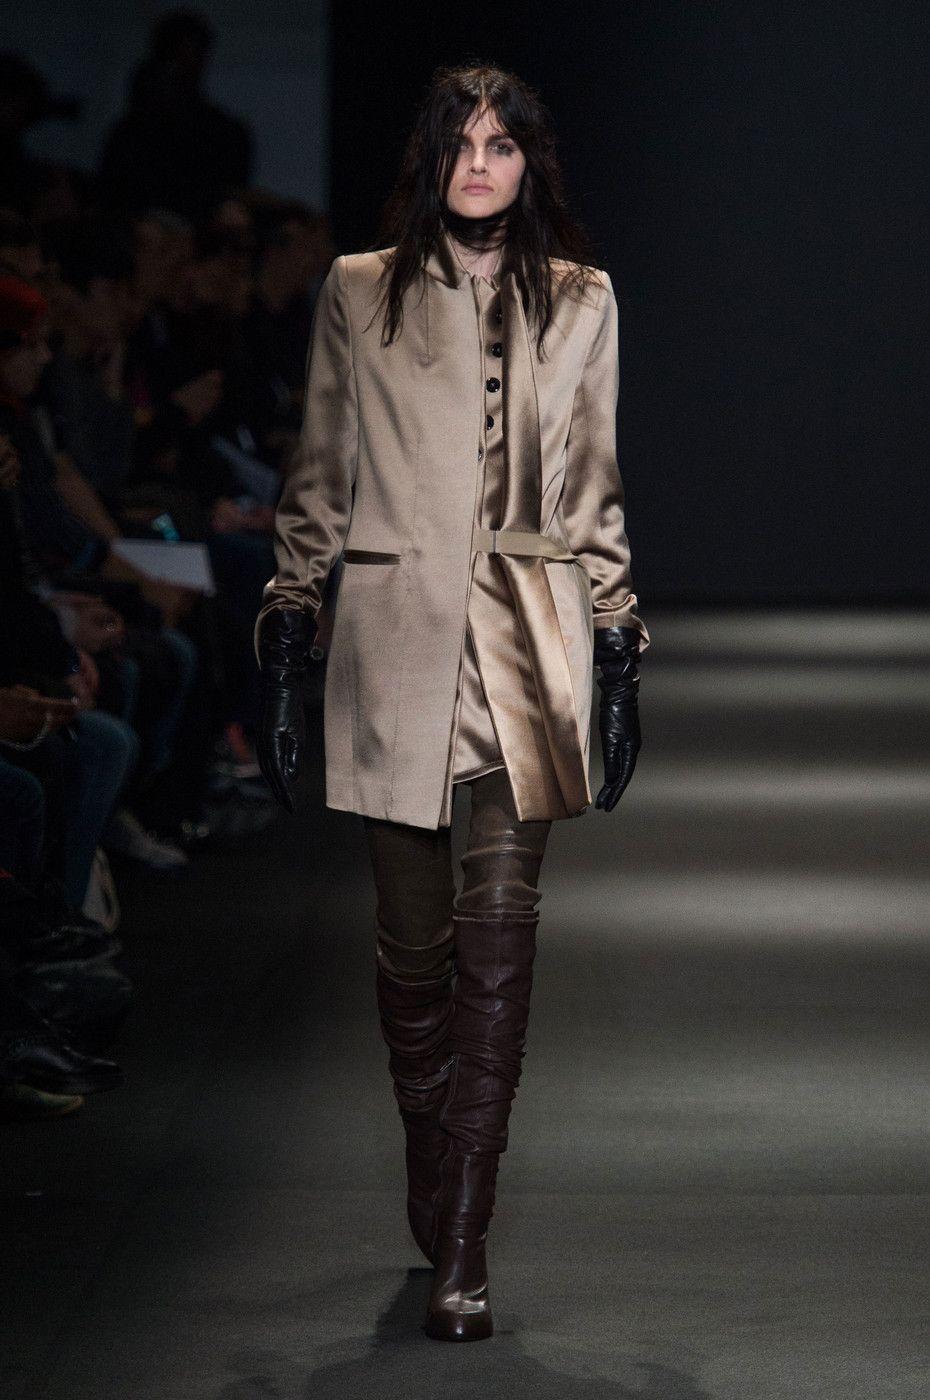 Ann Demeulemeester at Paris Fashion Week Fall 2015.